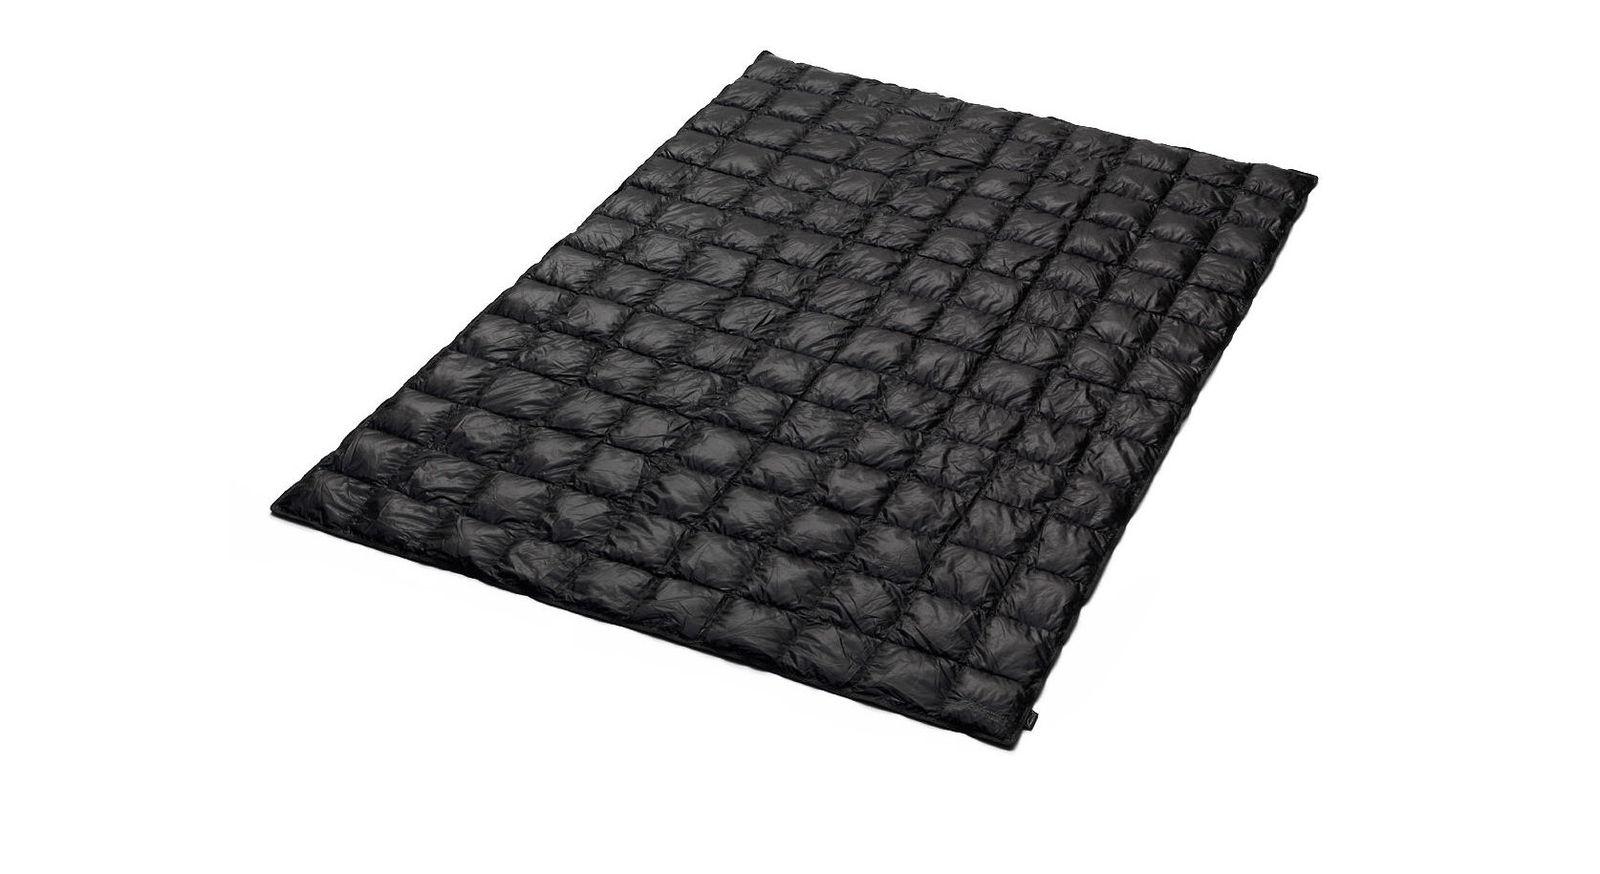 aufbewahrungstasche bettdecken oder kissen schlafzimmer. Black Bedroom Furniture Sets. Home Design Ideas